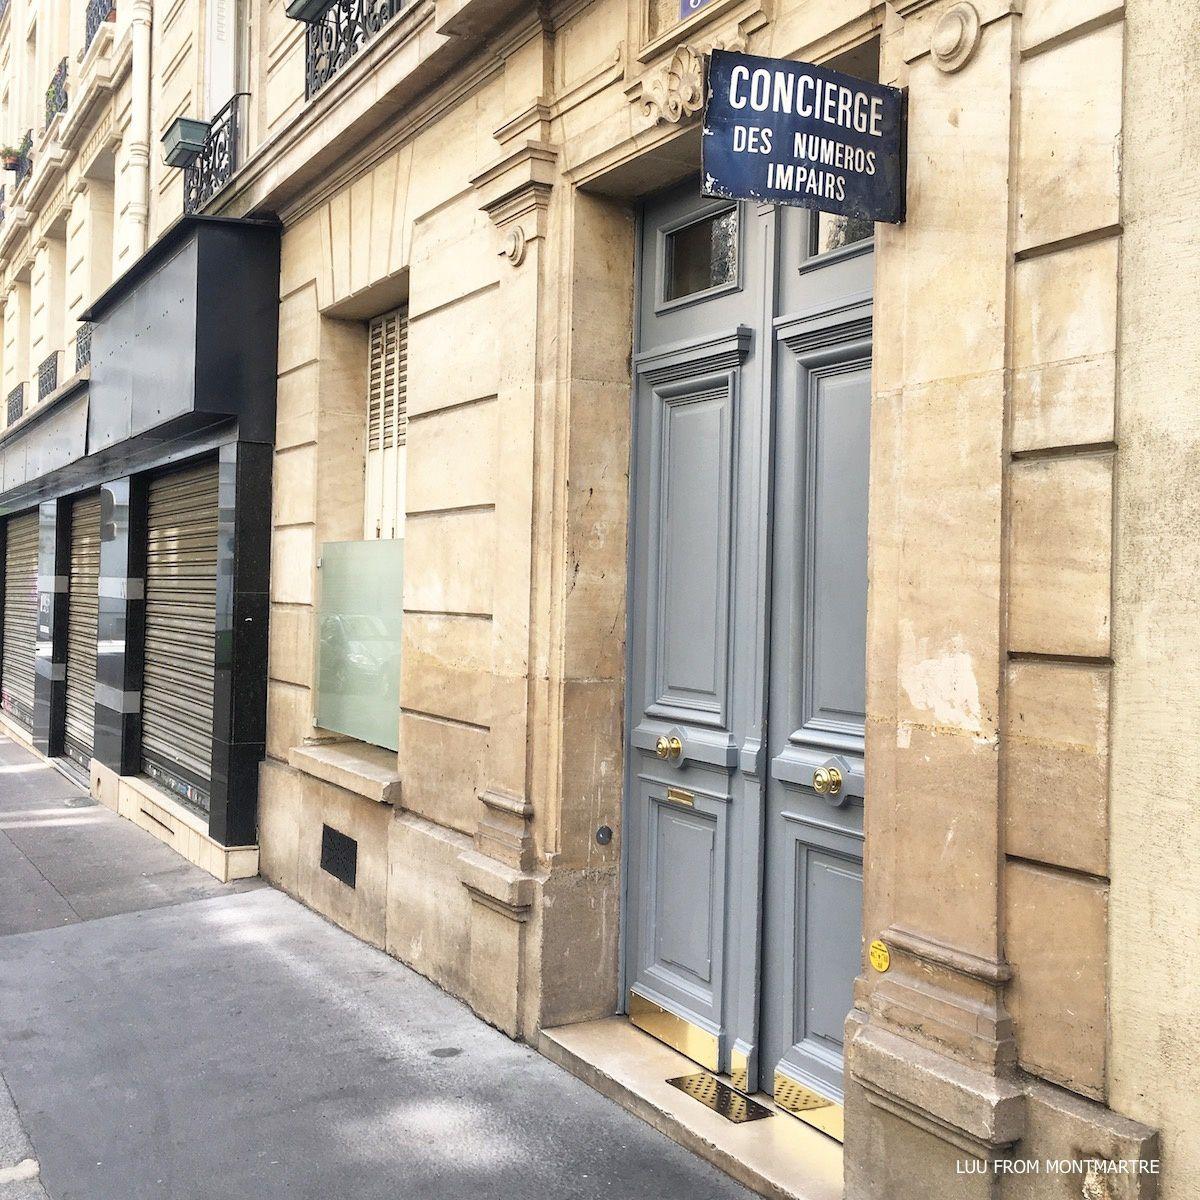 06. Magie parisienne, 75009